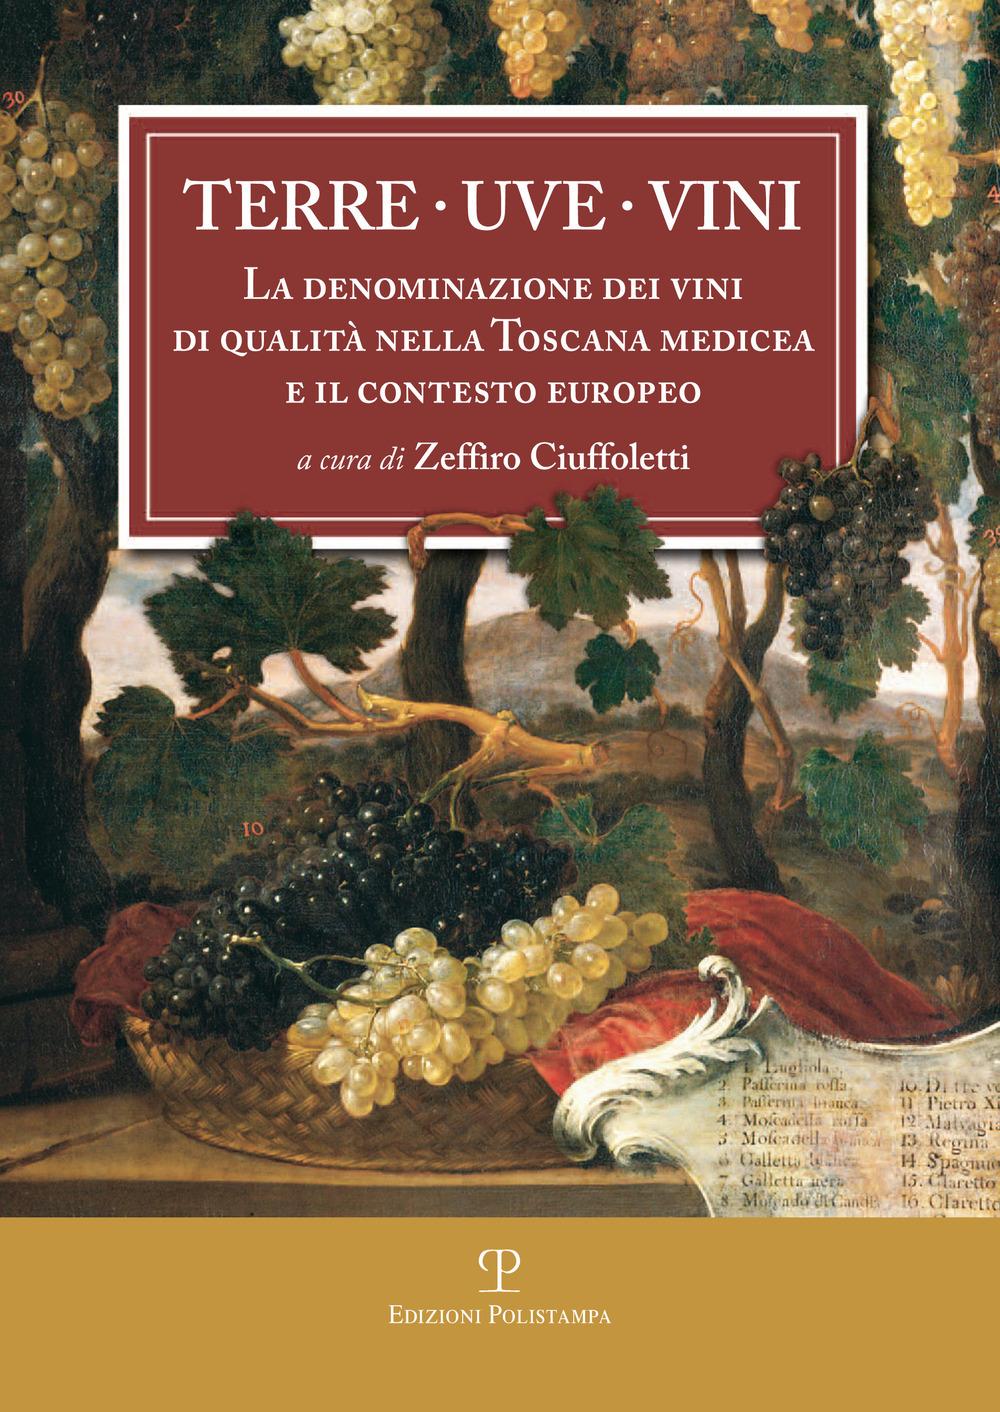 Image of Terre uve vini. La denominazione dei vini di qualità nella Toscana..